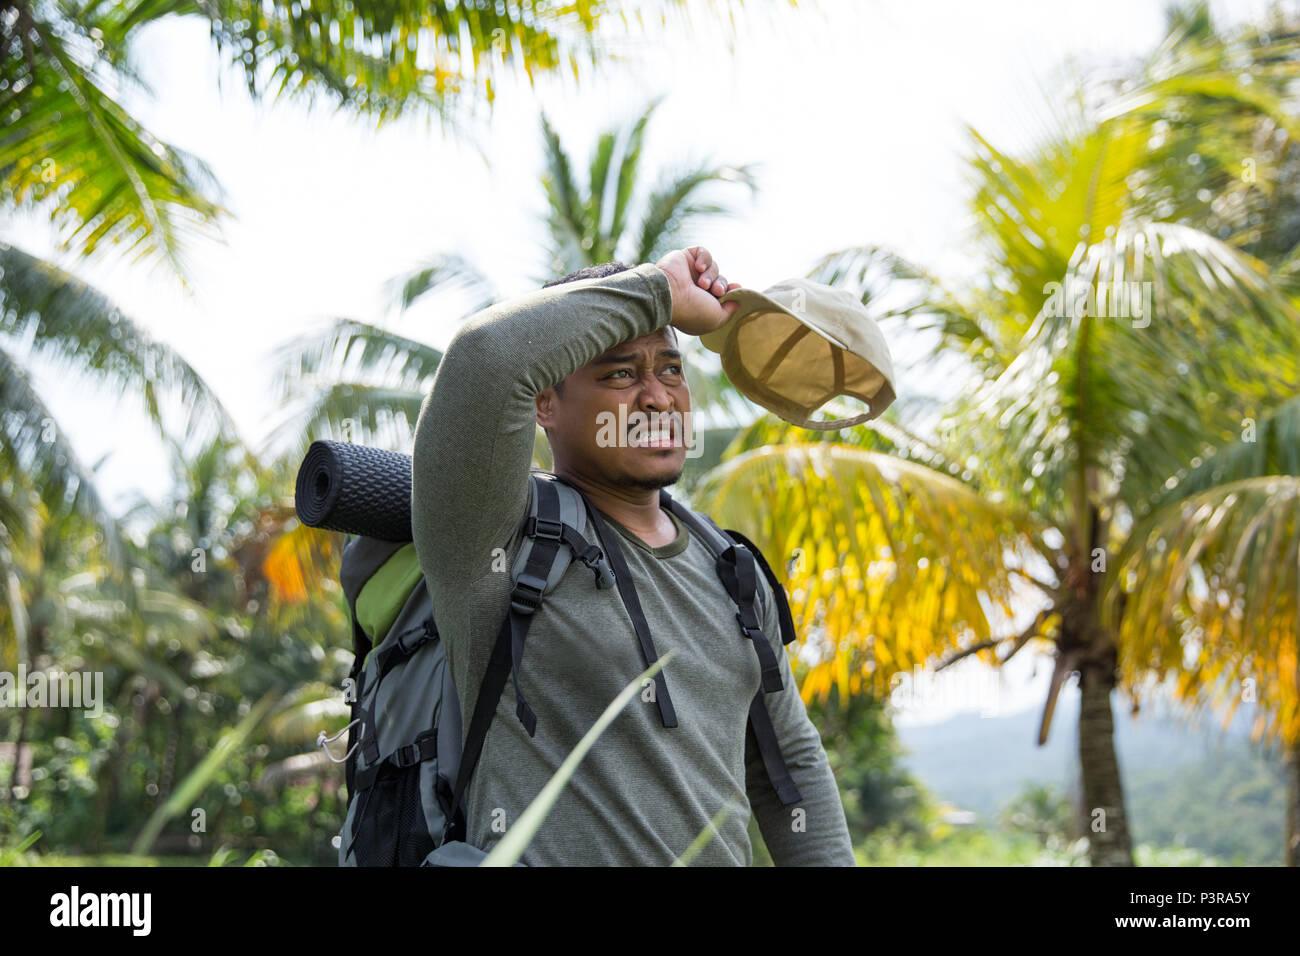 Excursionista de asia limpiar su frente Imagen De Stock